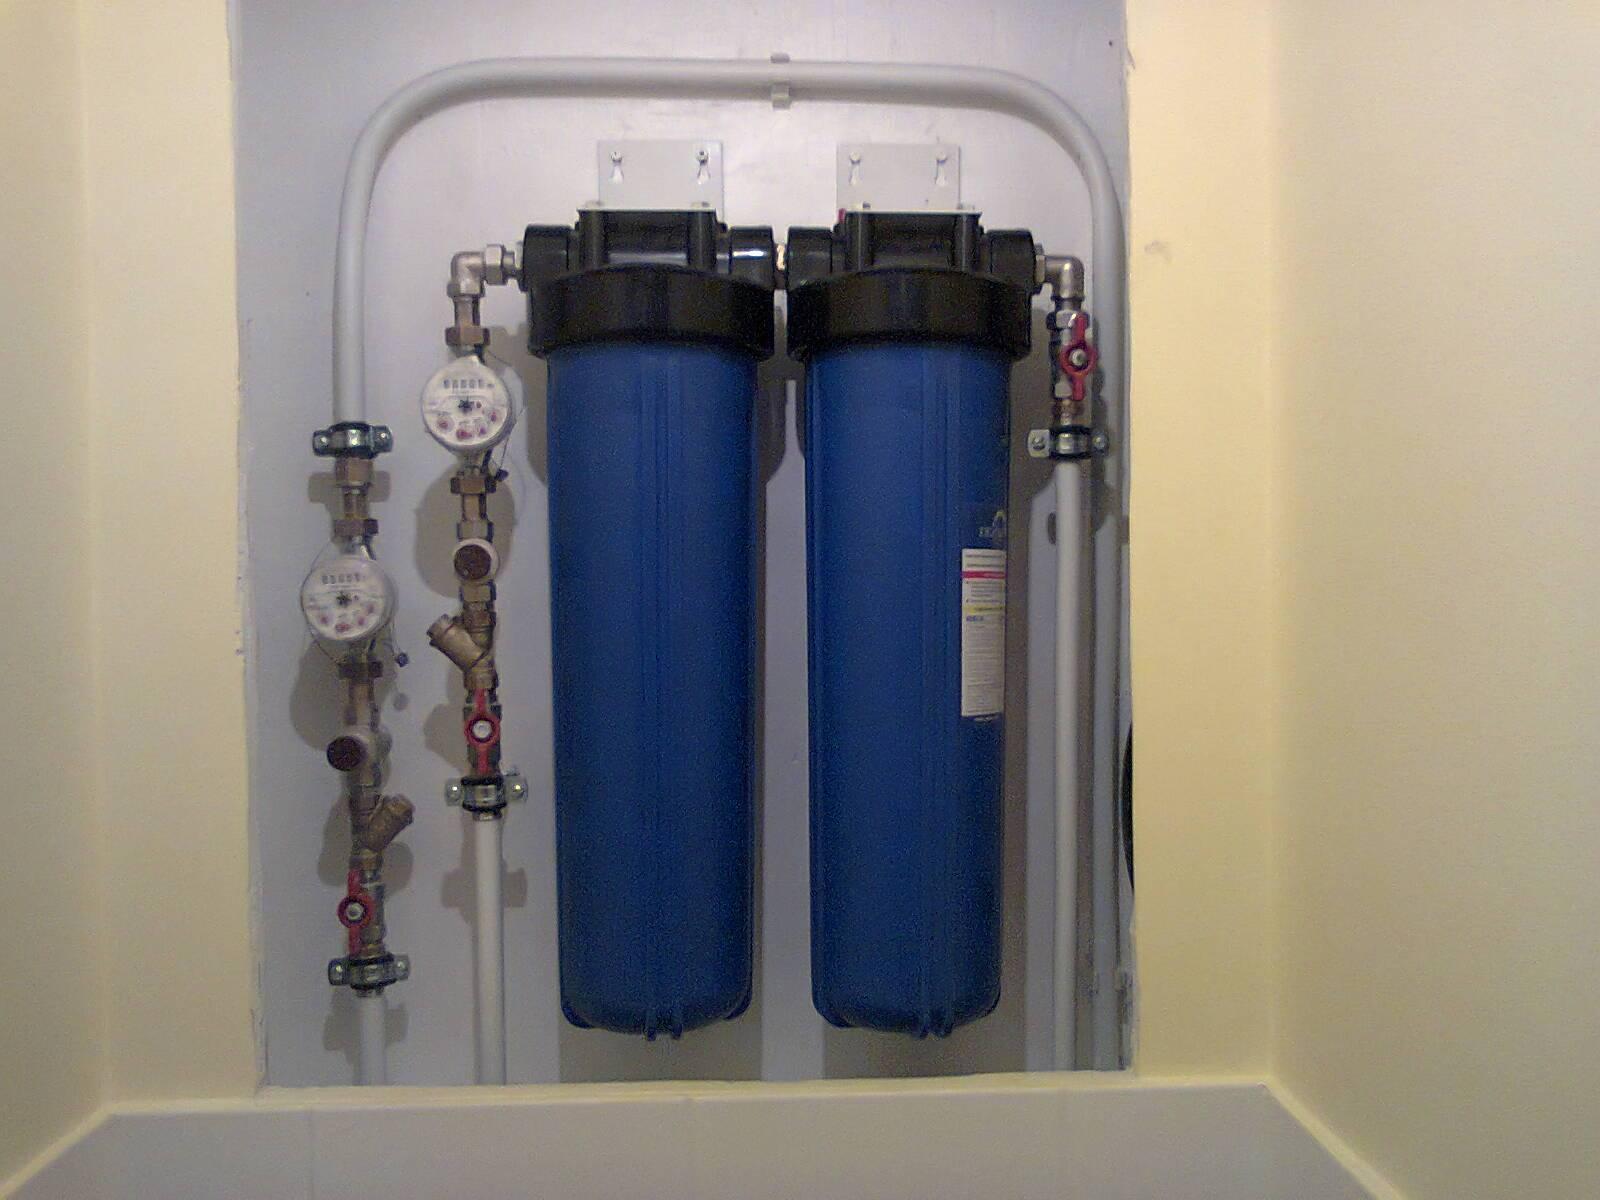 Магистральный фильтр для воды в квартиру: какой выбрать для очистки, рейтинг и отзывы о лучших марках, как установить?